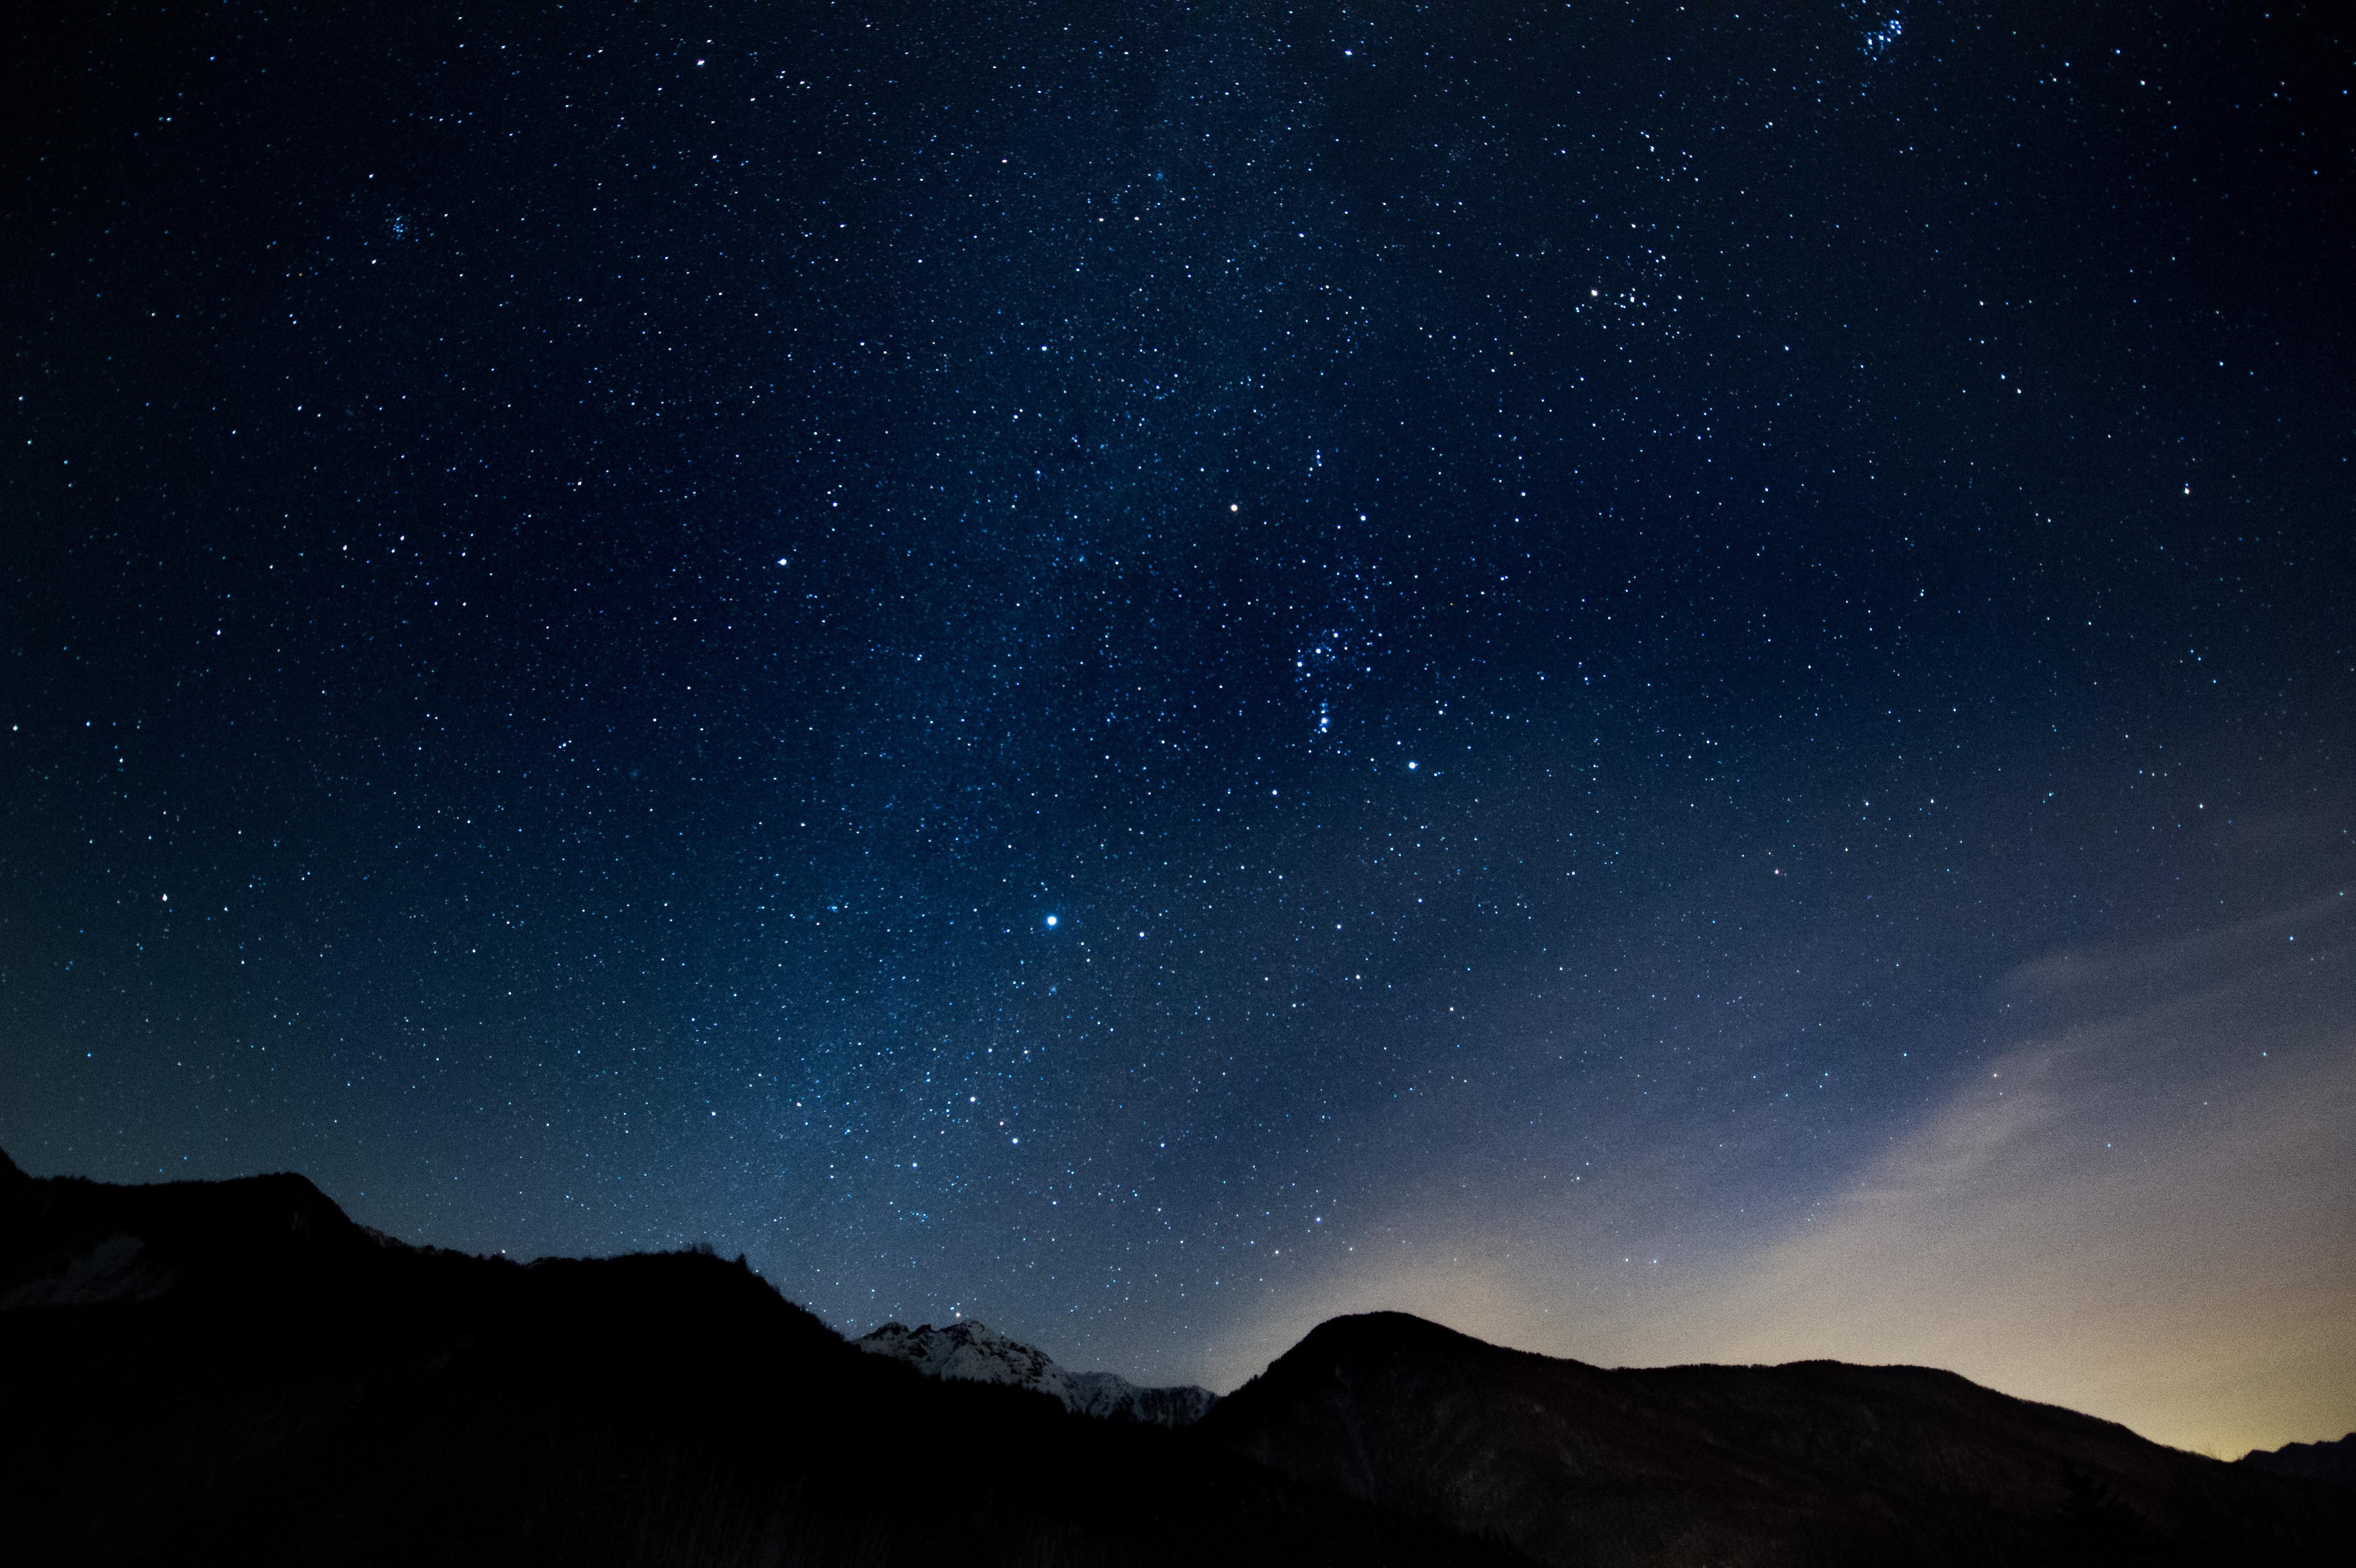 星空がキレイな北アルプス